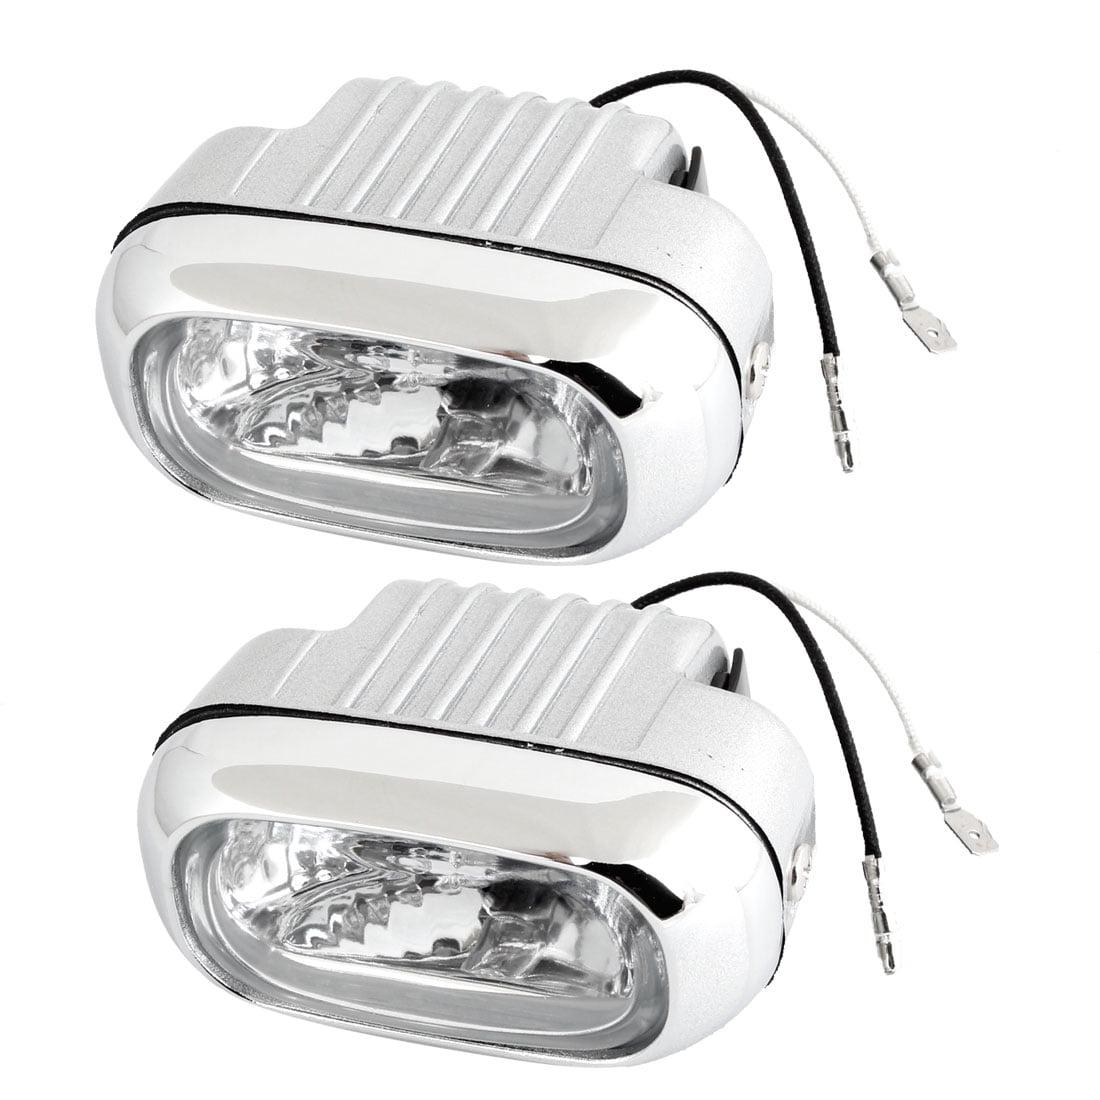 2 Pcs 55W White H3 Socket Halogen Lamp Fog Lights Headlamps DC 12V for Car